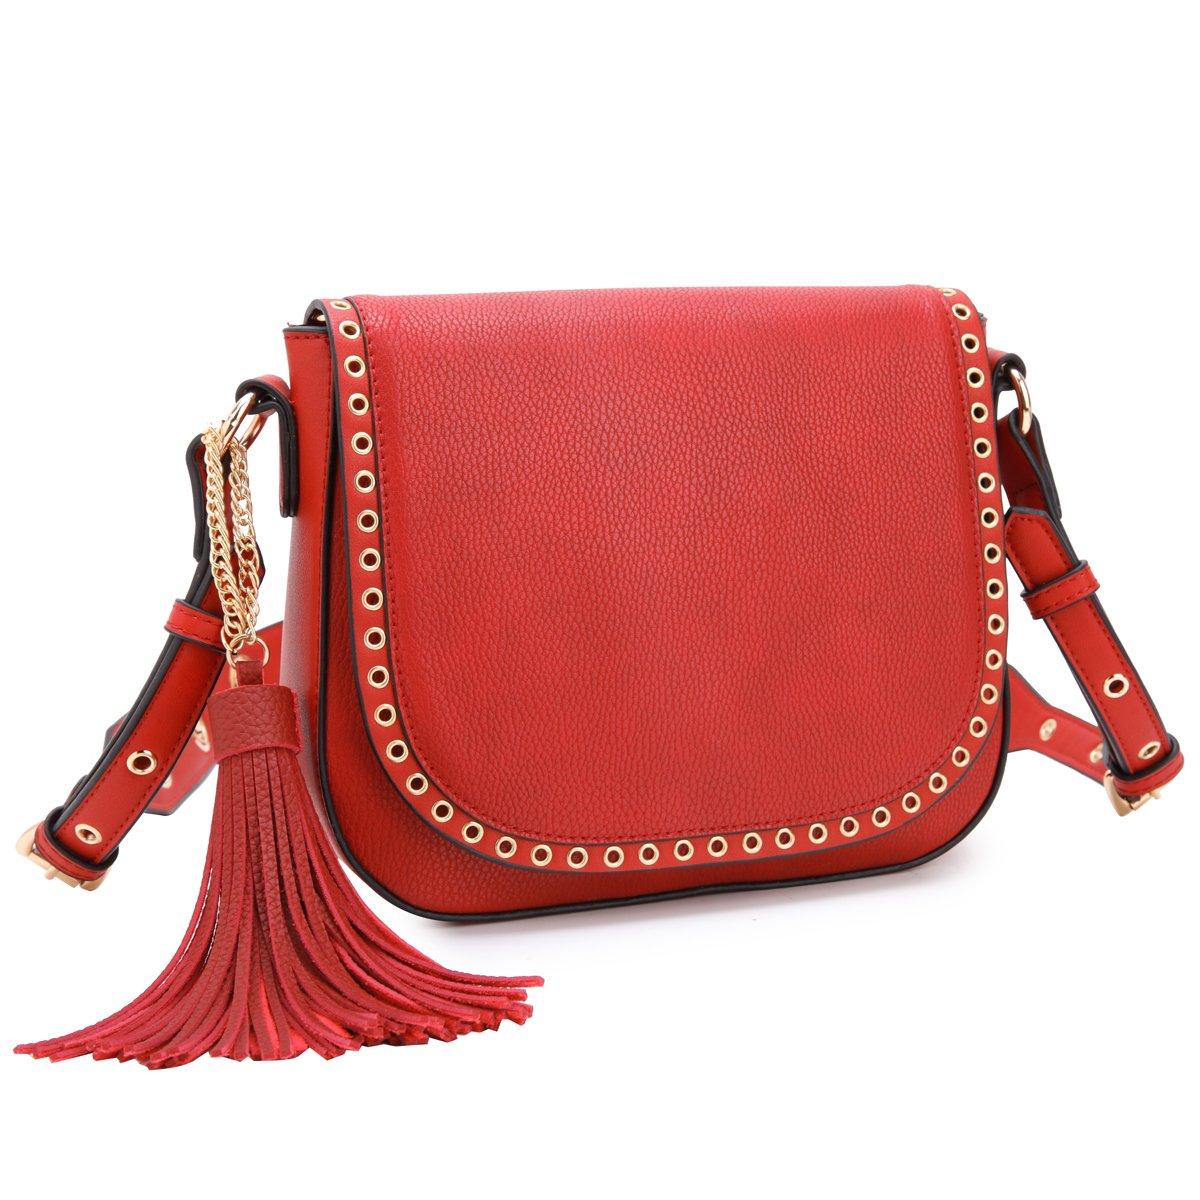 471dcf06937d Tassel Grommets Crossbody Bags for Women Designer Shoulder Purses Vegan  Leather Messenger Bag